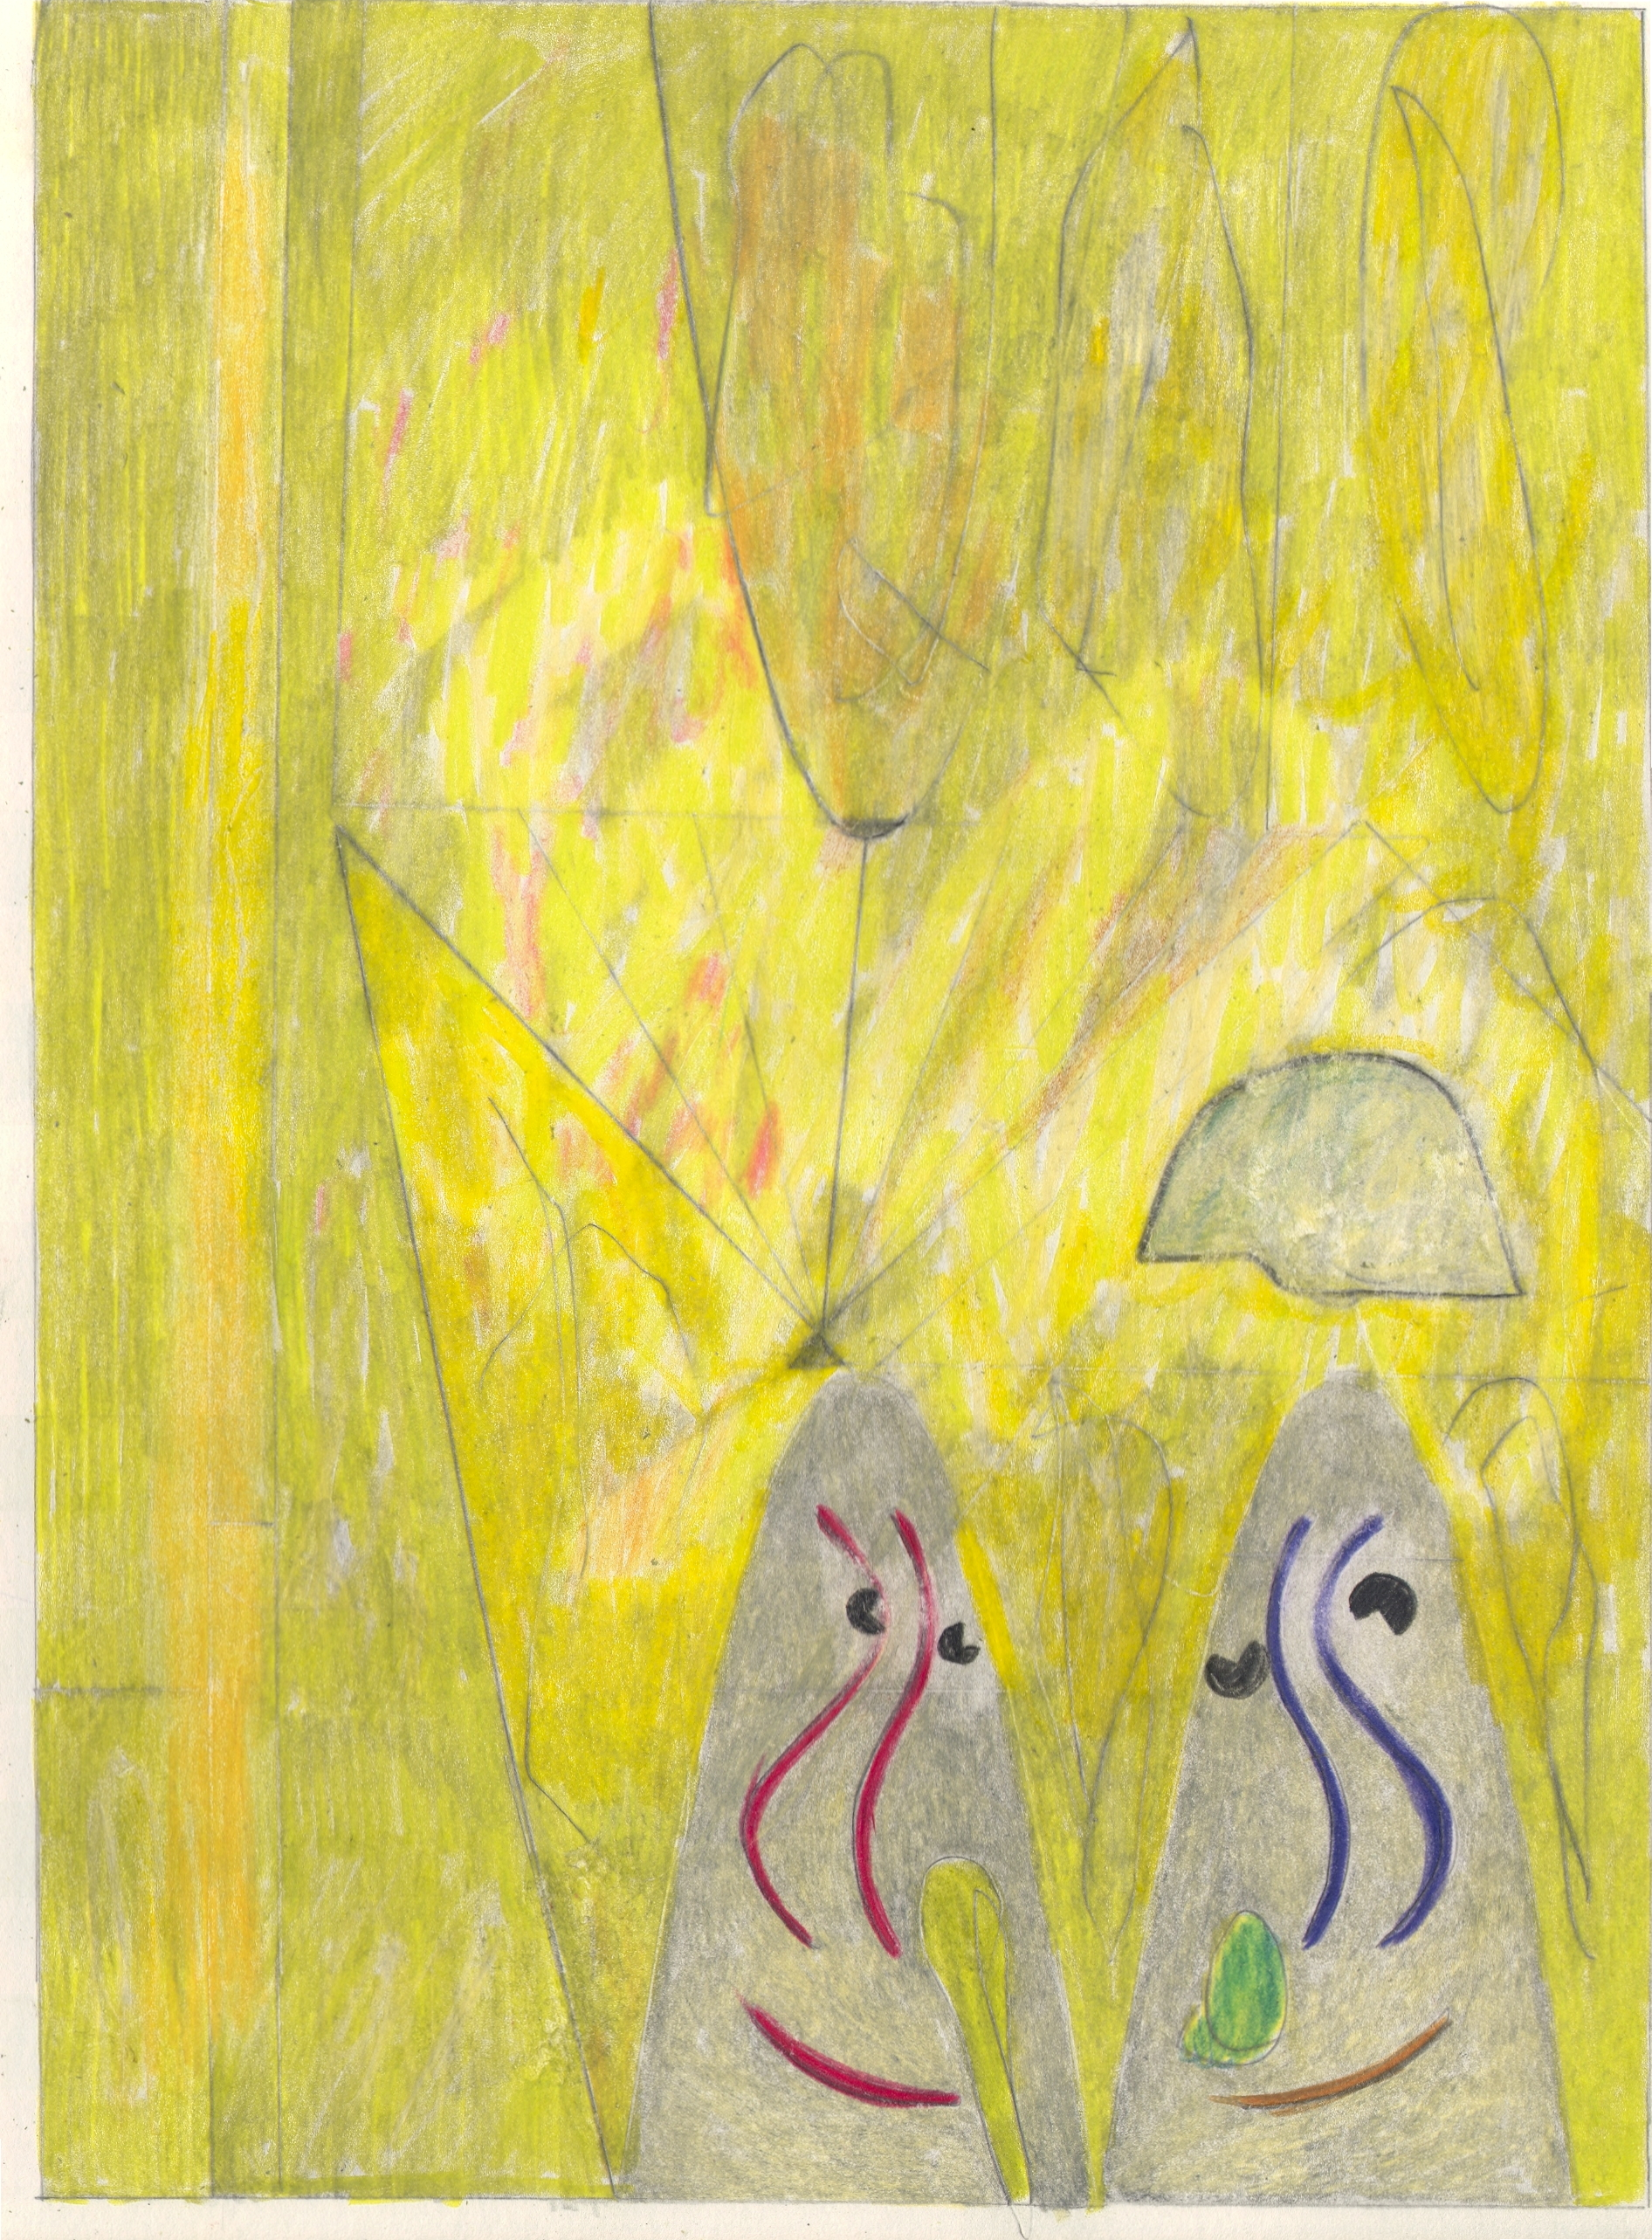 O.T. ( GEO ), 2019  Bleistift auf Papier, 26x35.5cm